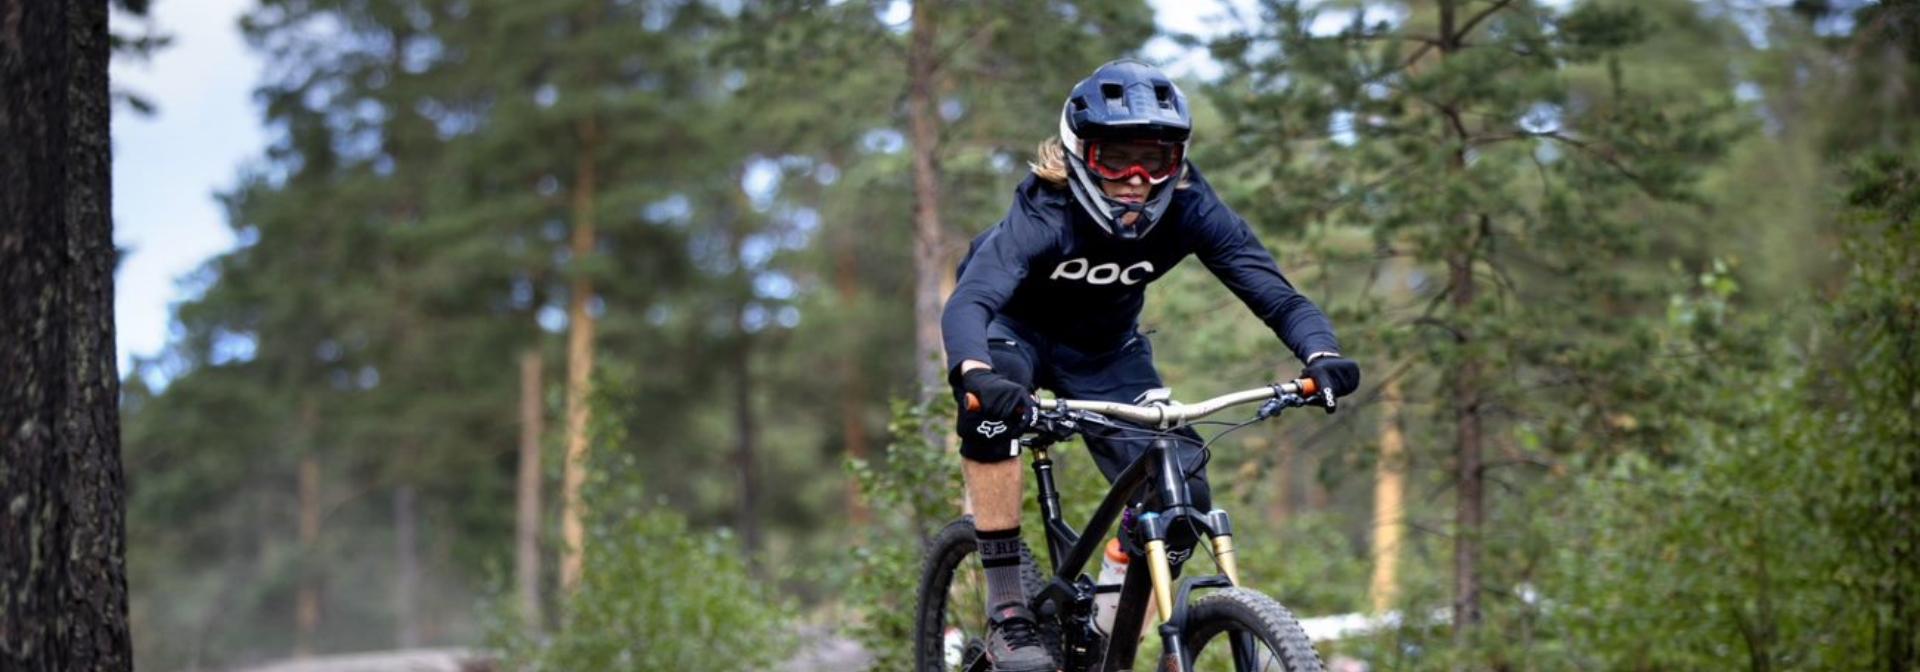 lugnet cykling2